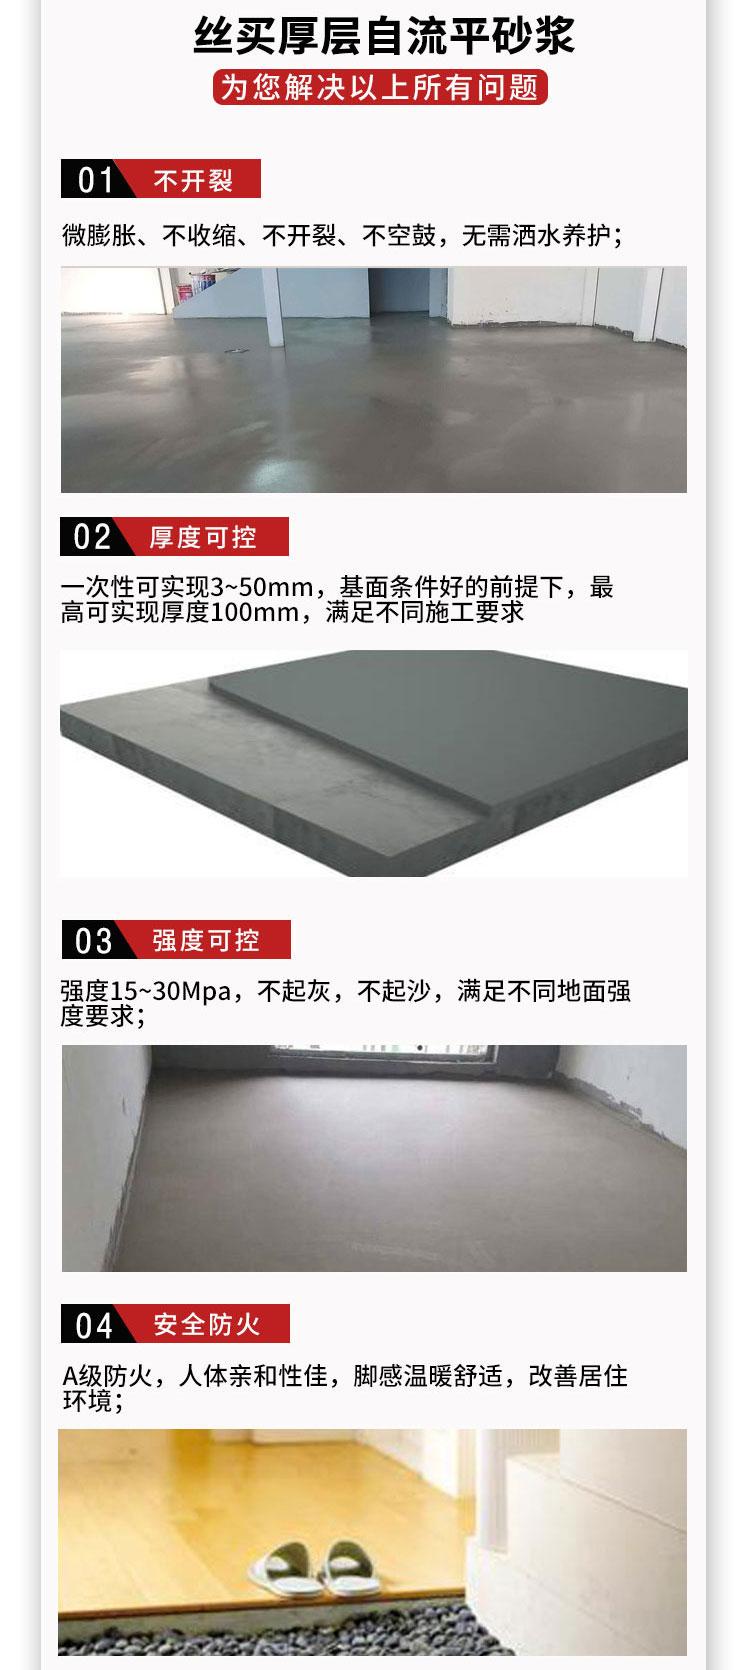 石膏基自流平多少钱一平 不开裂的厚层自流平砂浆 石膏自流平生产厂家